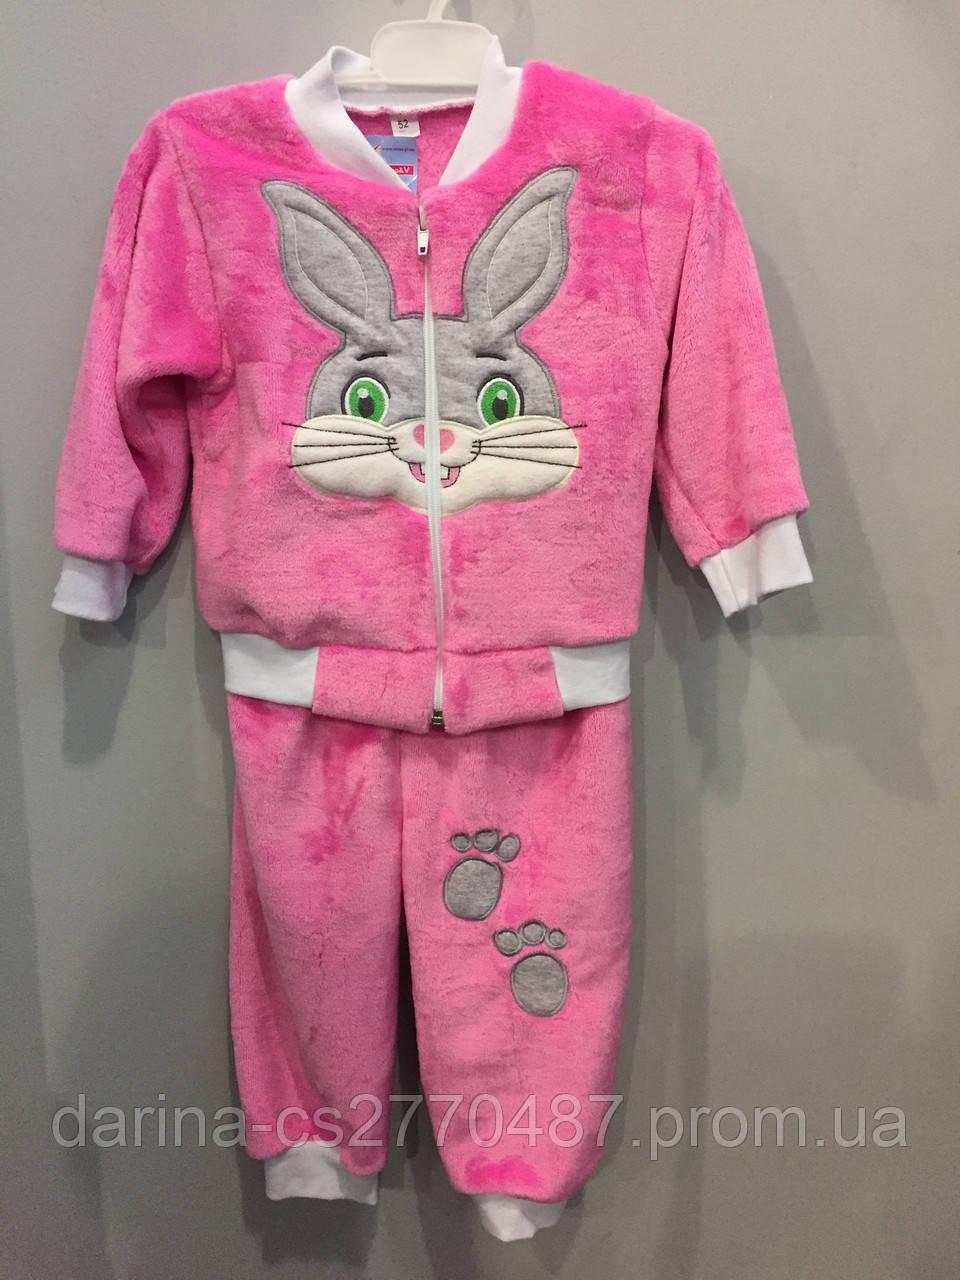 Махровый костюм с зайчиком для девочки